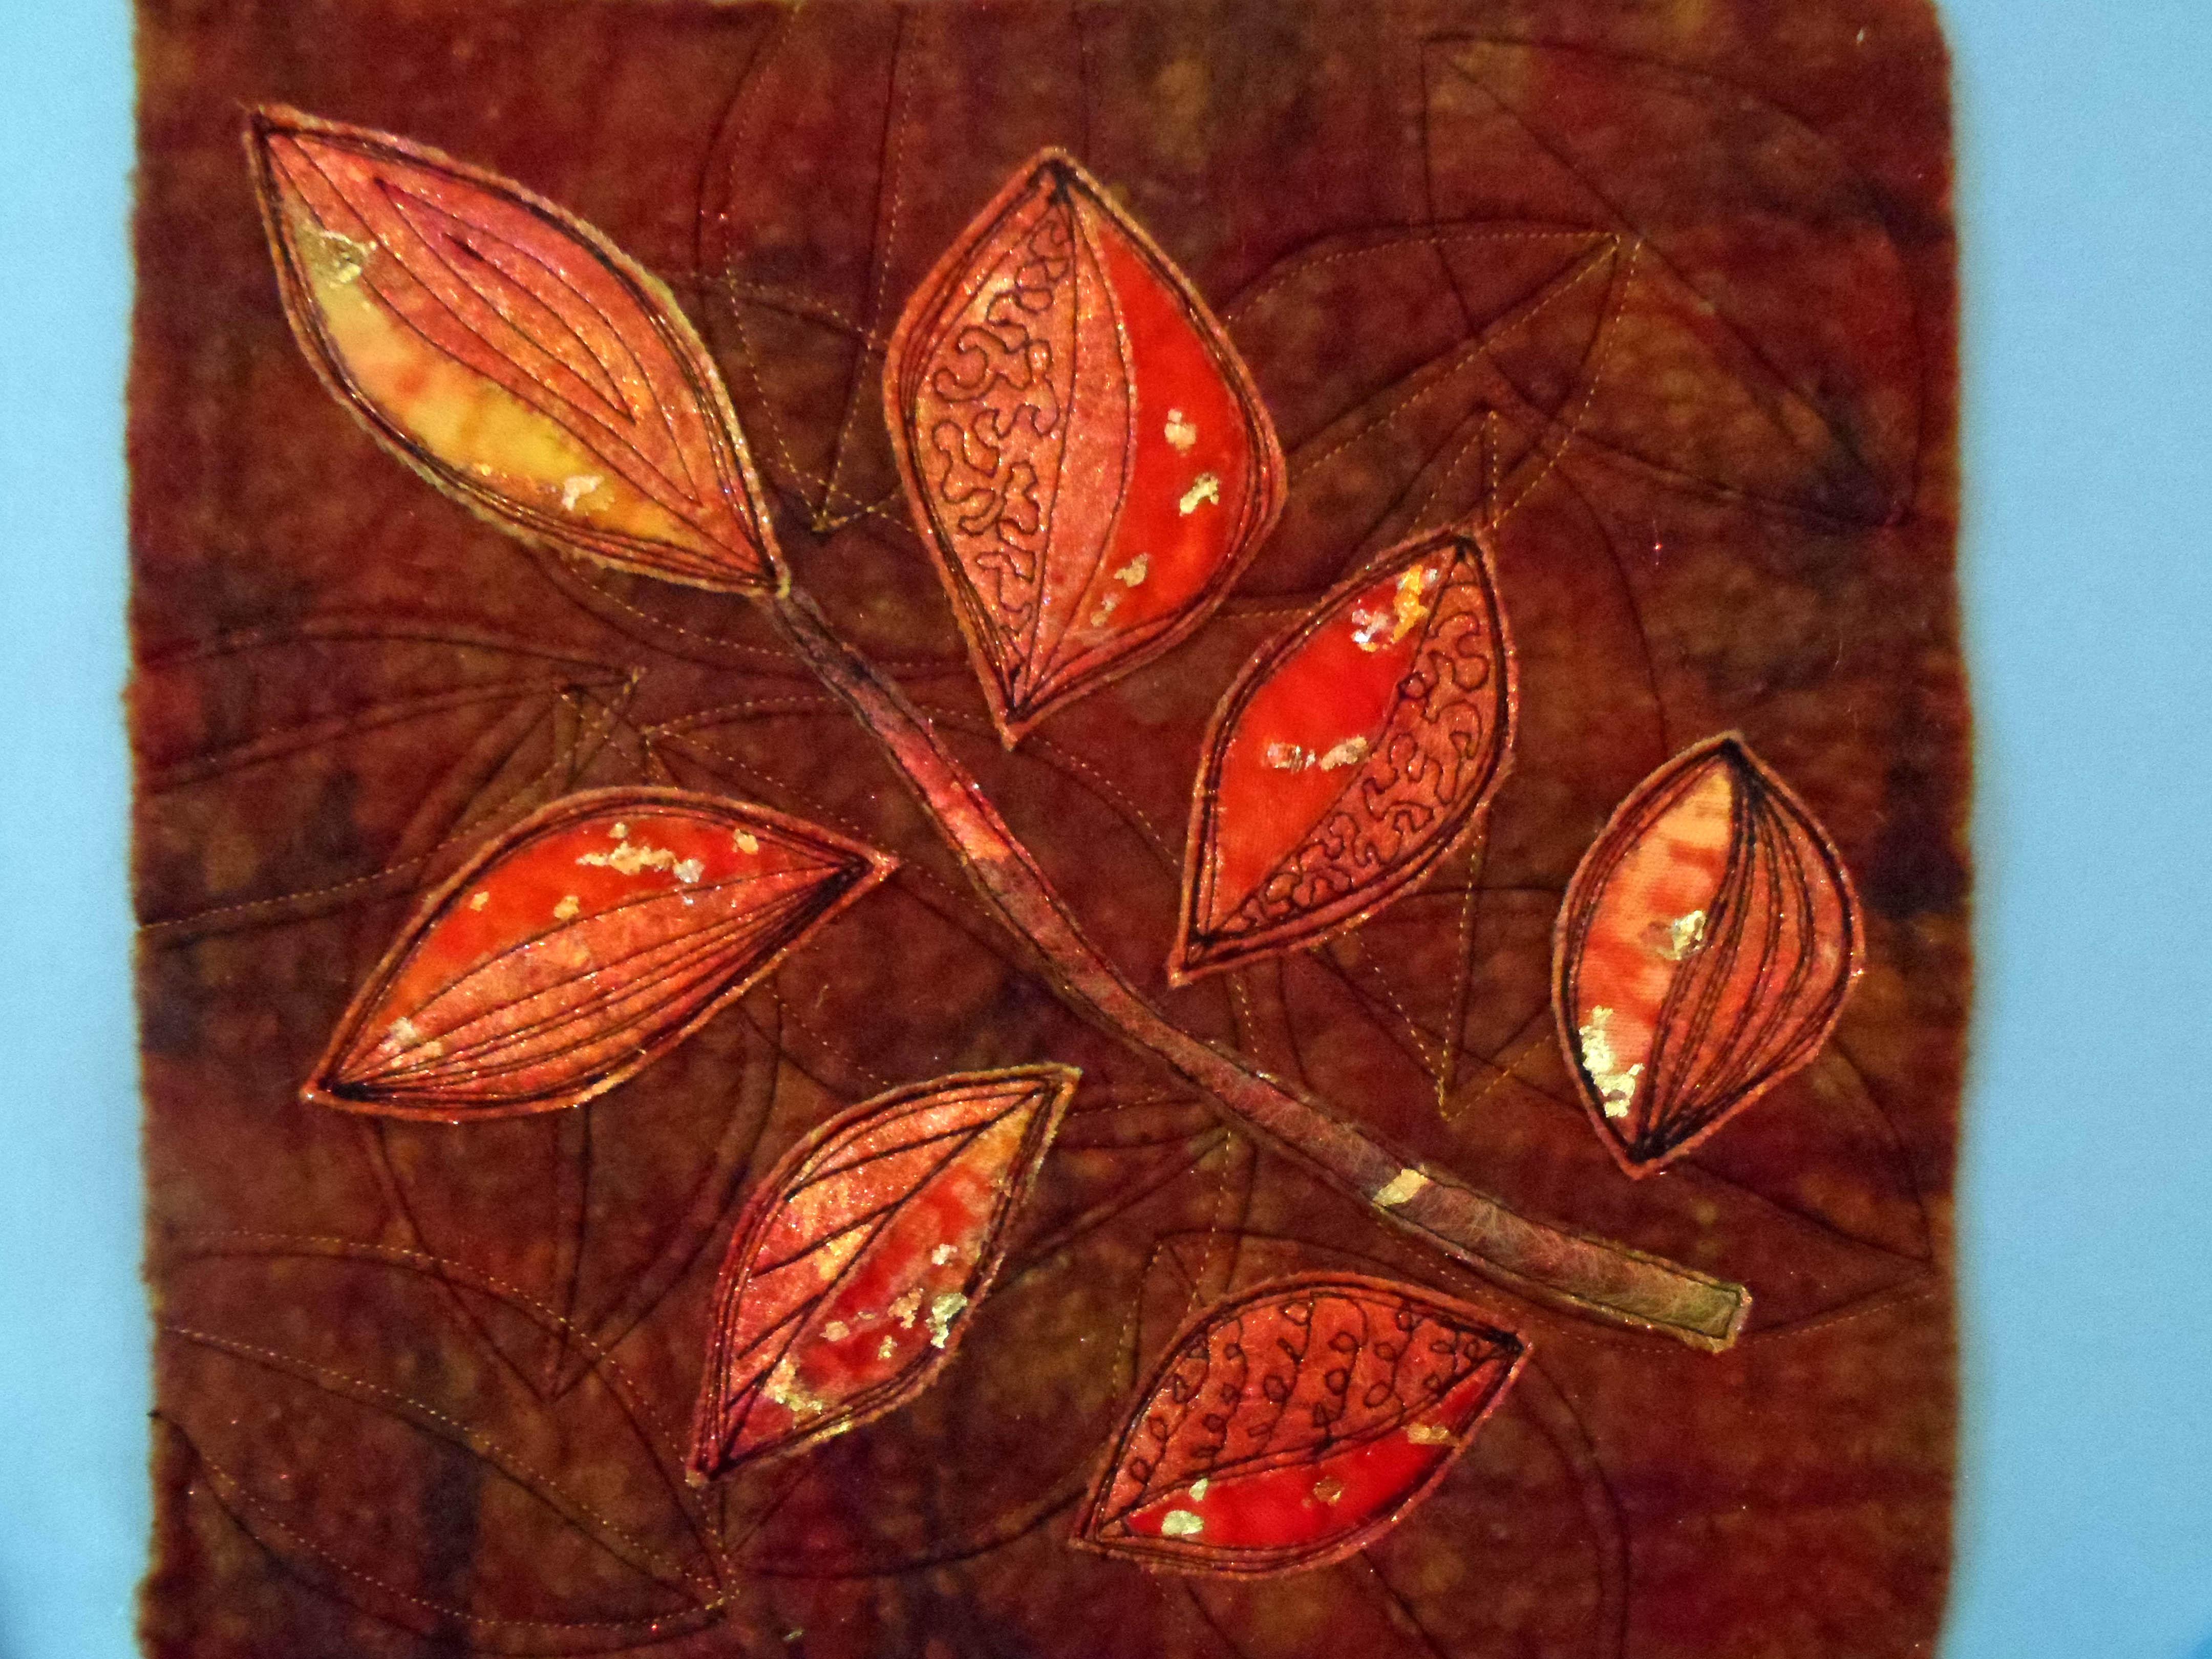 THE LAST LEAVES UPON THE TREE, Sally McGonagle, Skipton EG